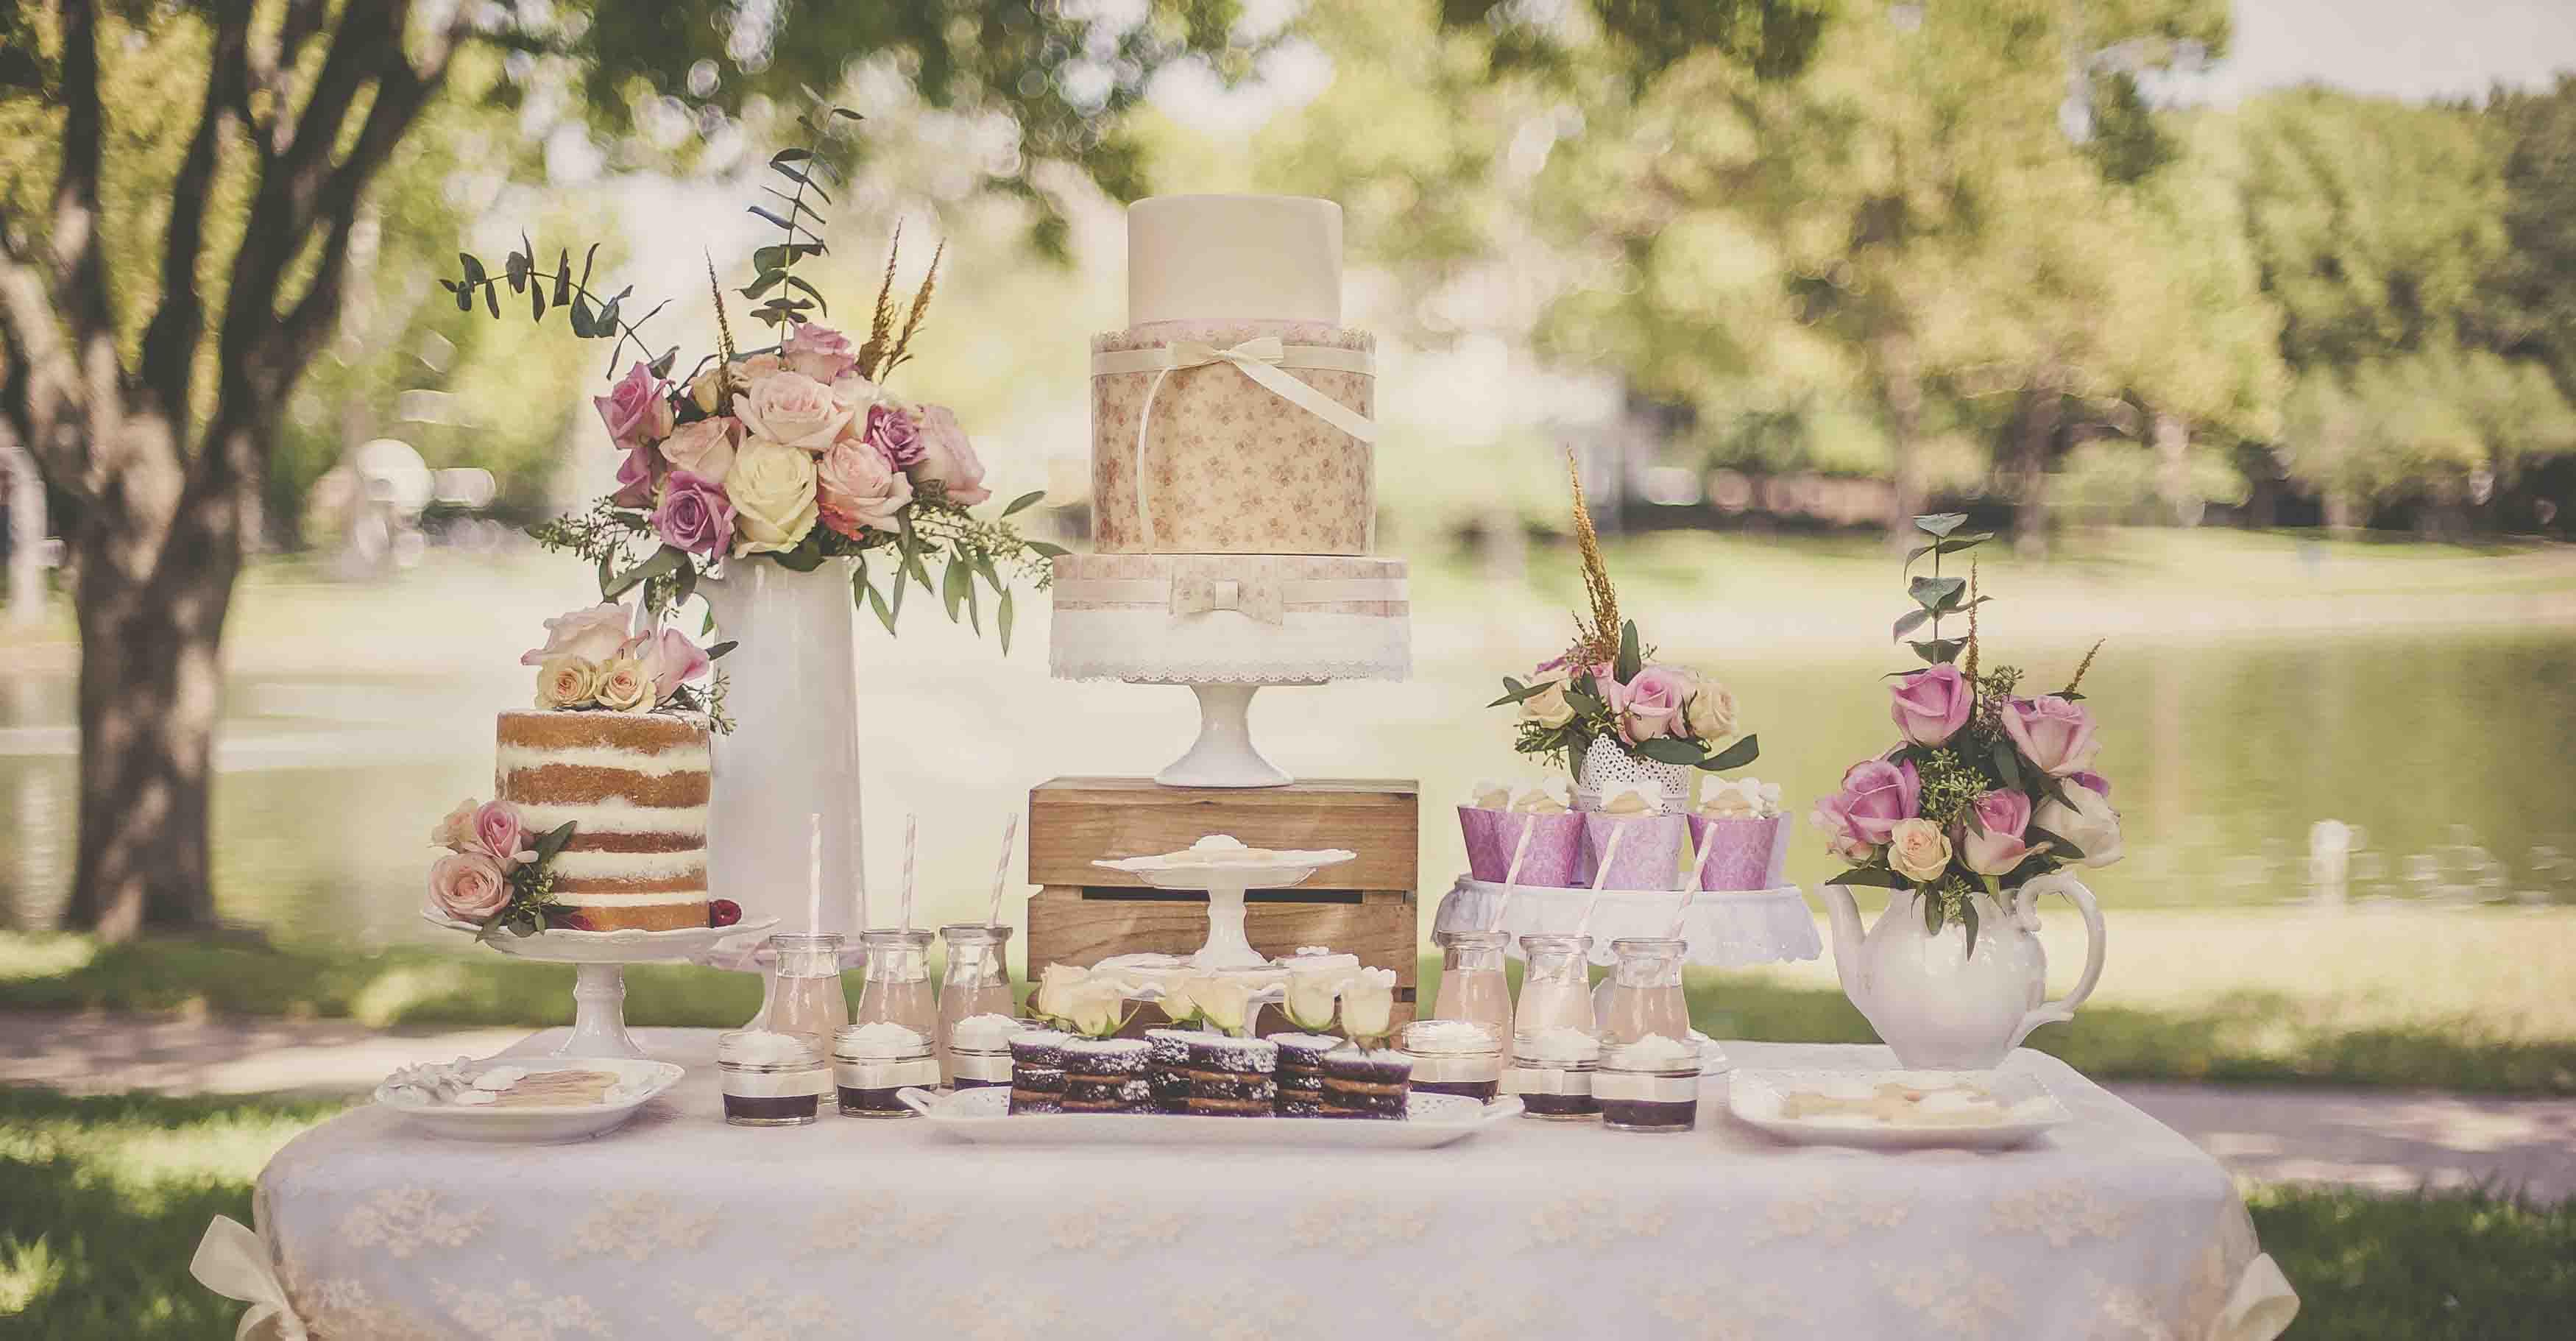 دسر عروسی 5 - چینش زیبای میز دسر عروسی برای عروس خانم های ایرانی